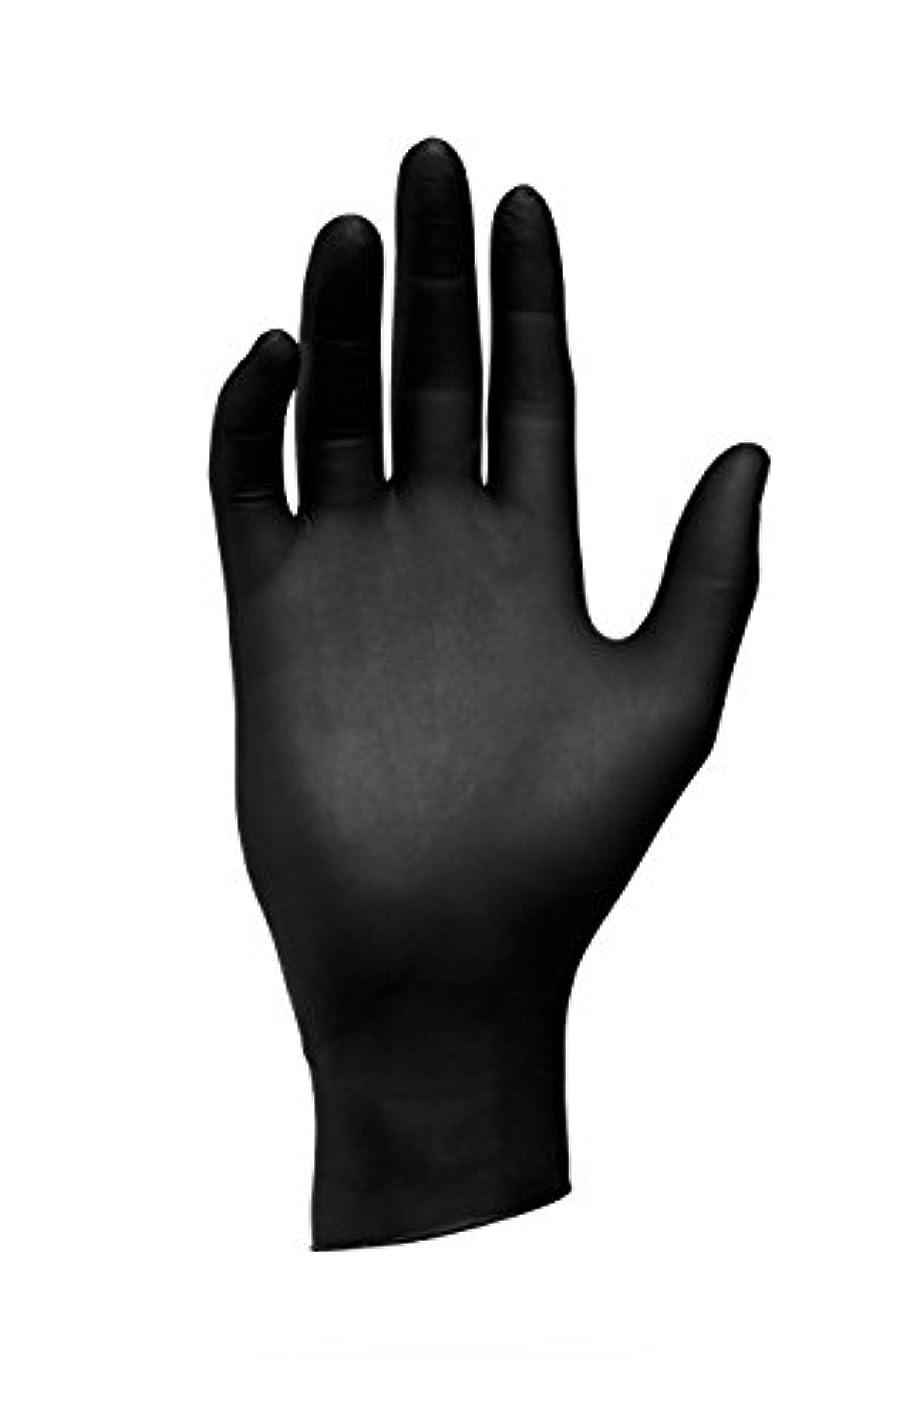 キャプション浅い視線エバーメイト センパーガード ニトリルブラックグローブ ブラック L(8.0~8.5インチ)甲幅10cm 100枚入 6個セット